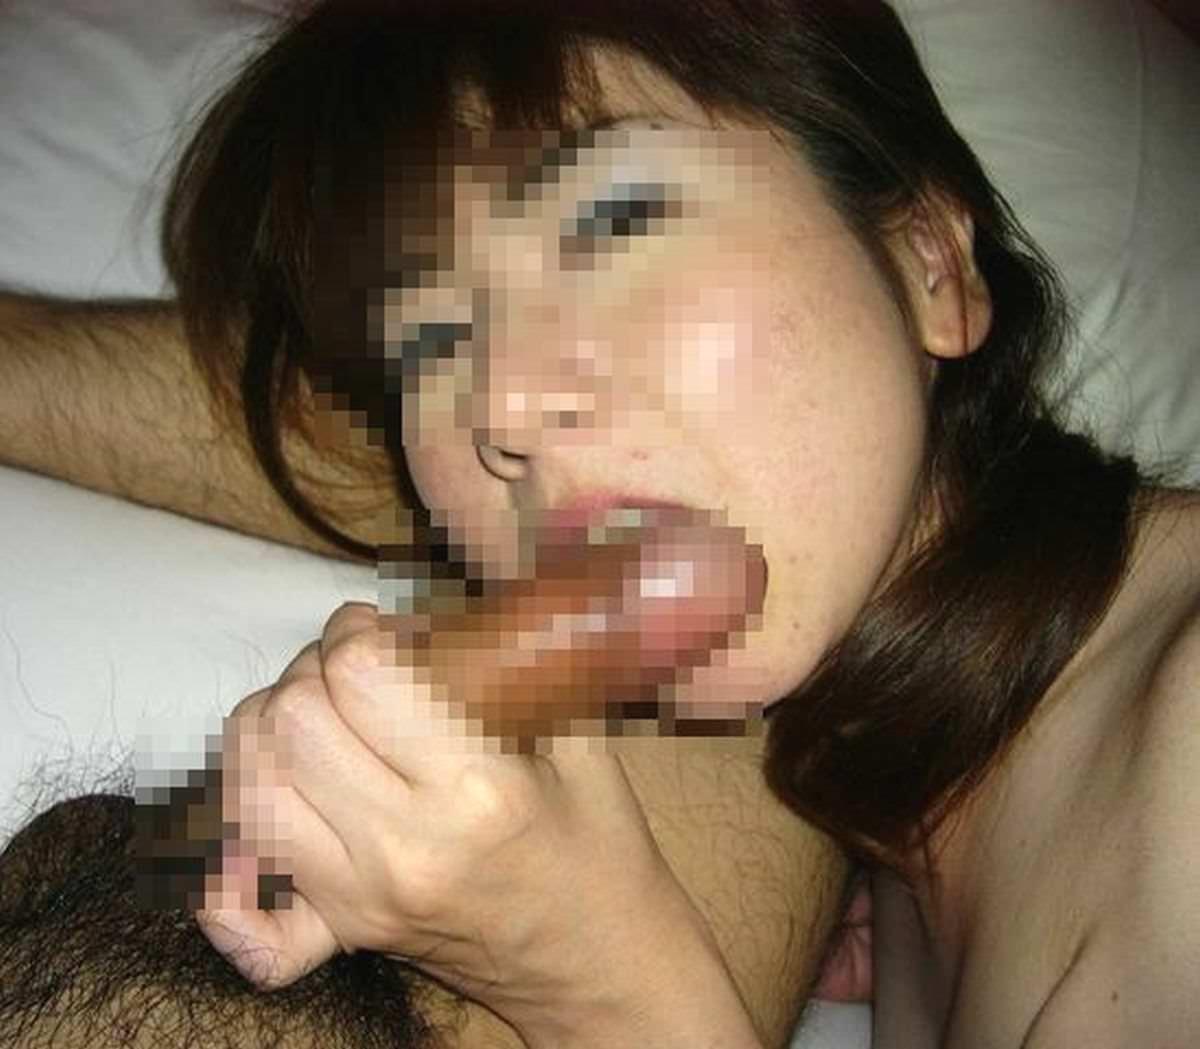 軽いSMプレイを楽しむ人妻とセックス時はハメ撮りする素人夫婦の夜の営みwwwwww 21135